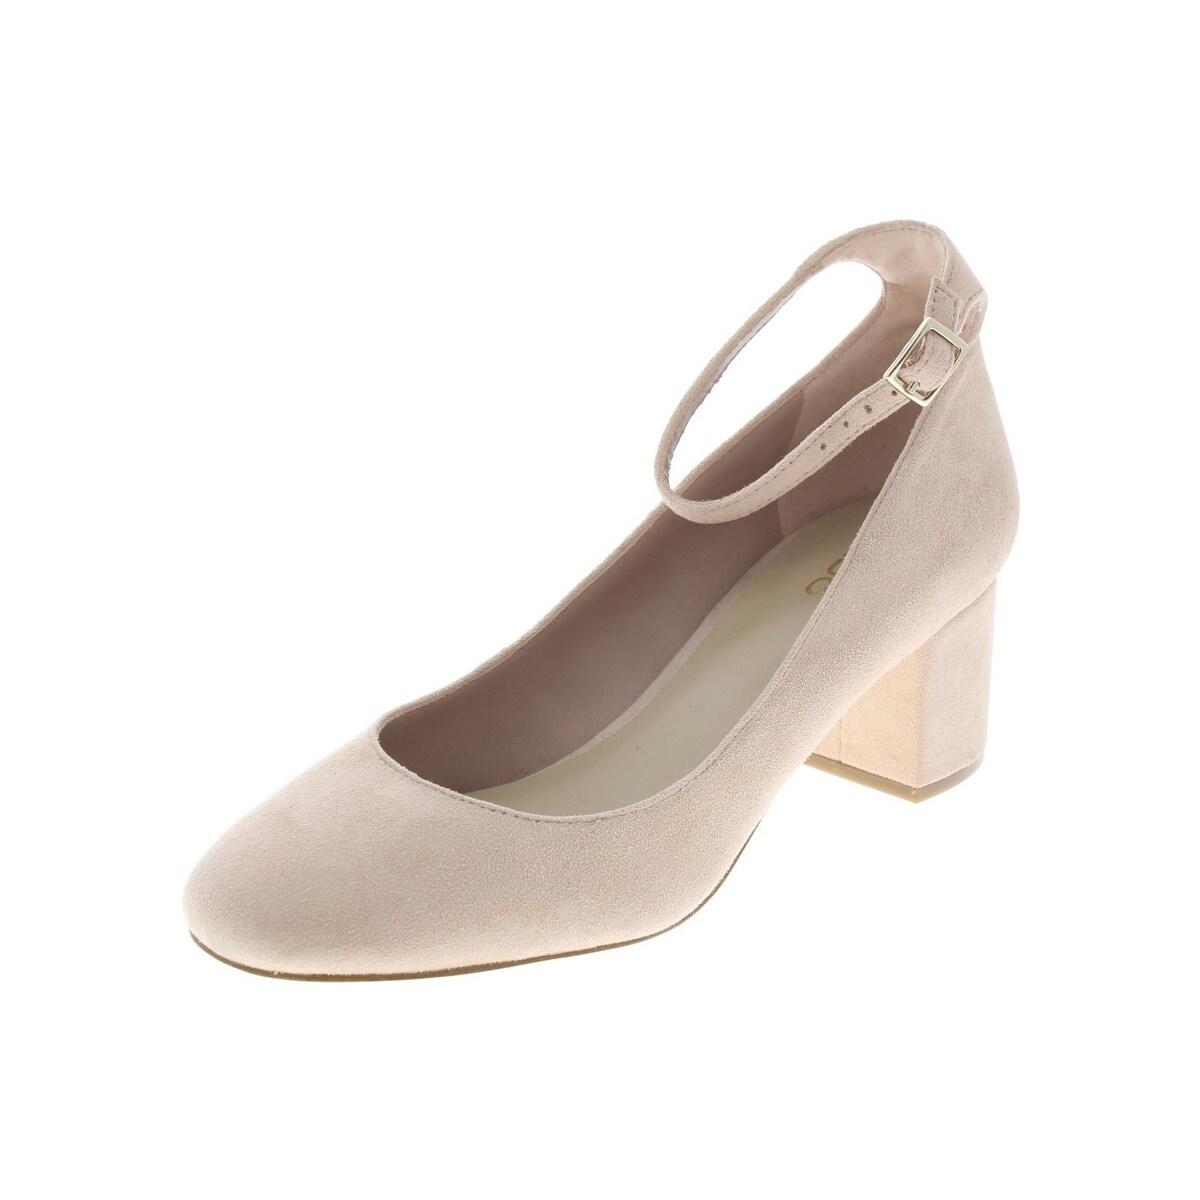 c7705afb1a6 Buy Aldo Women s Heels Online at Overstock